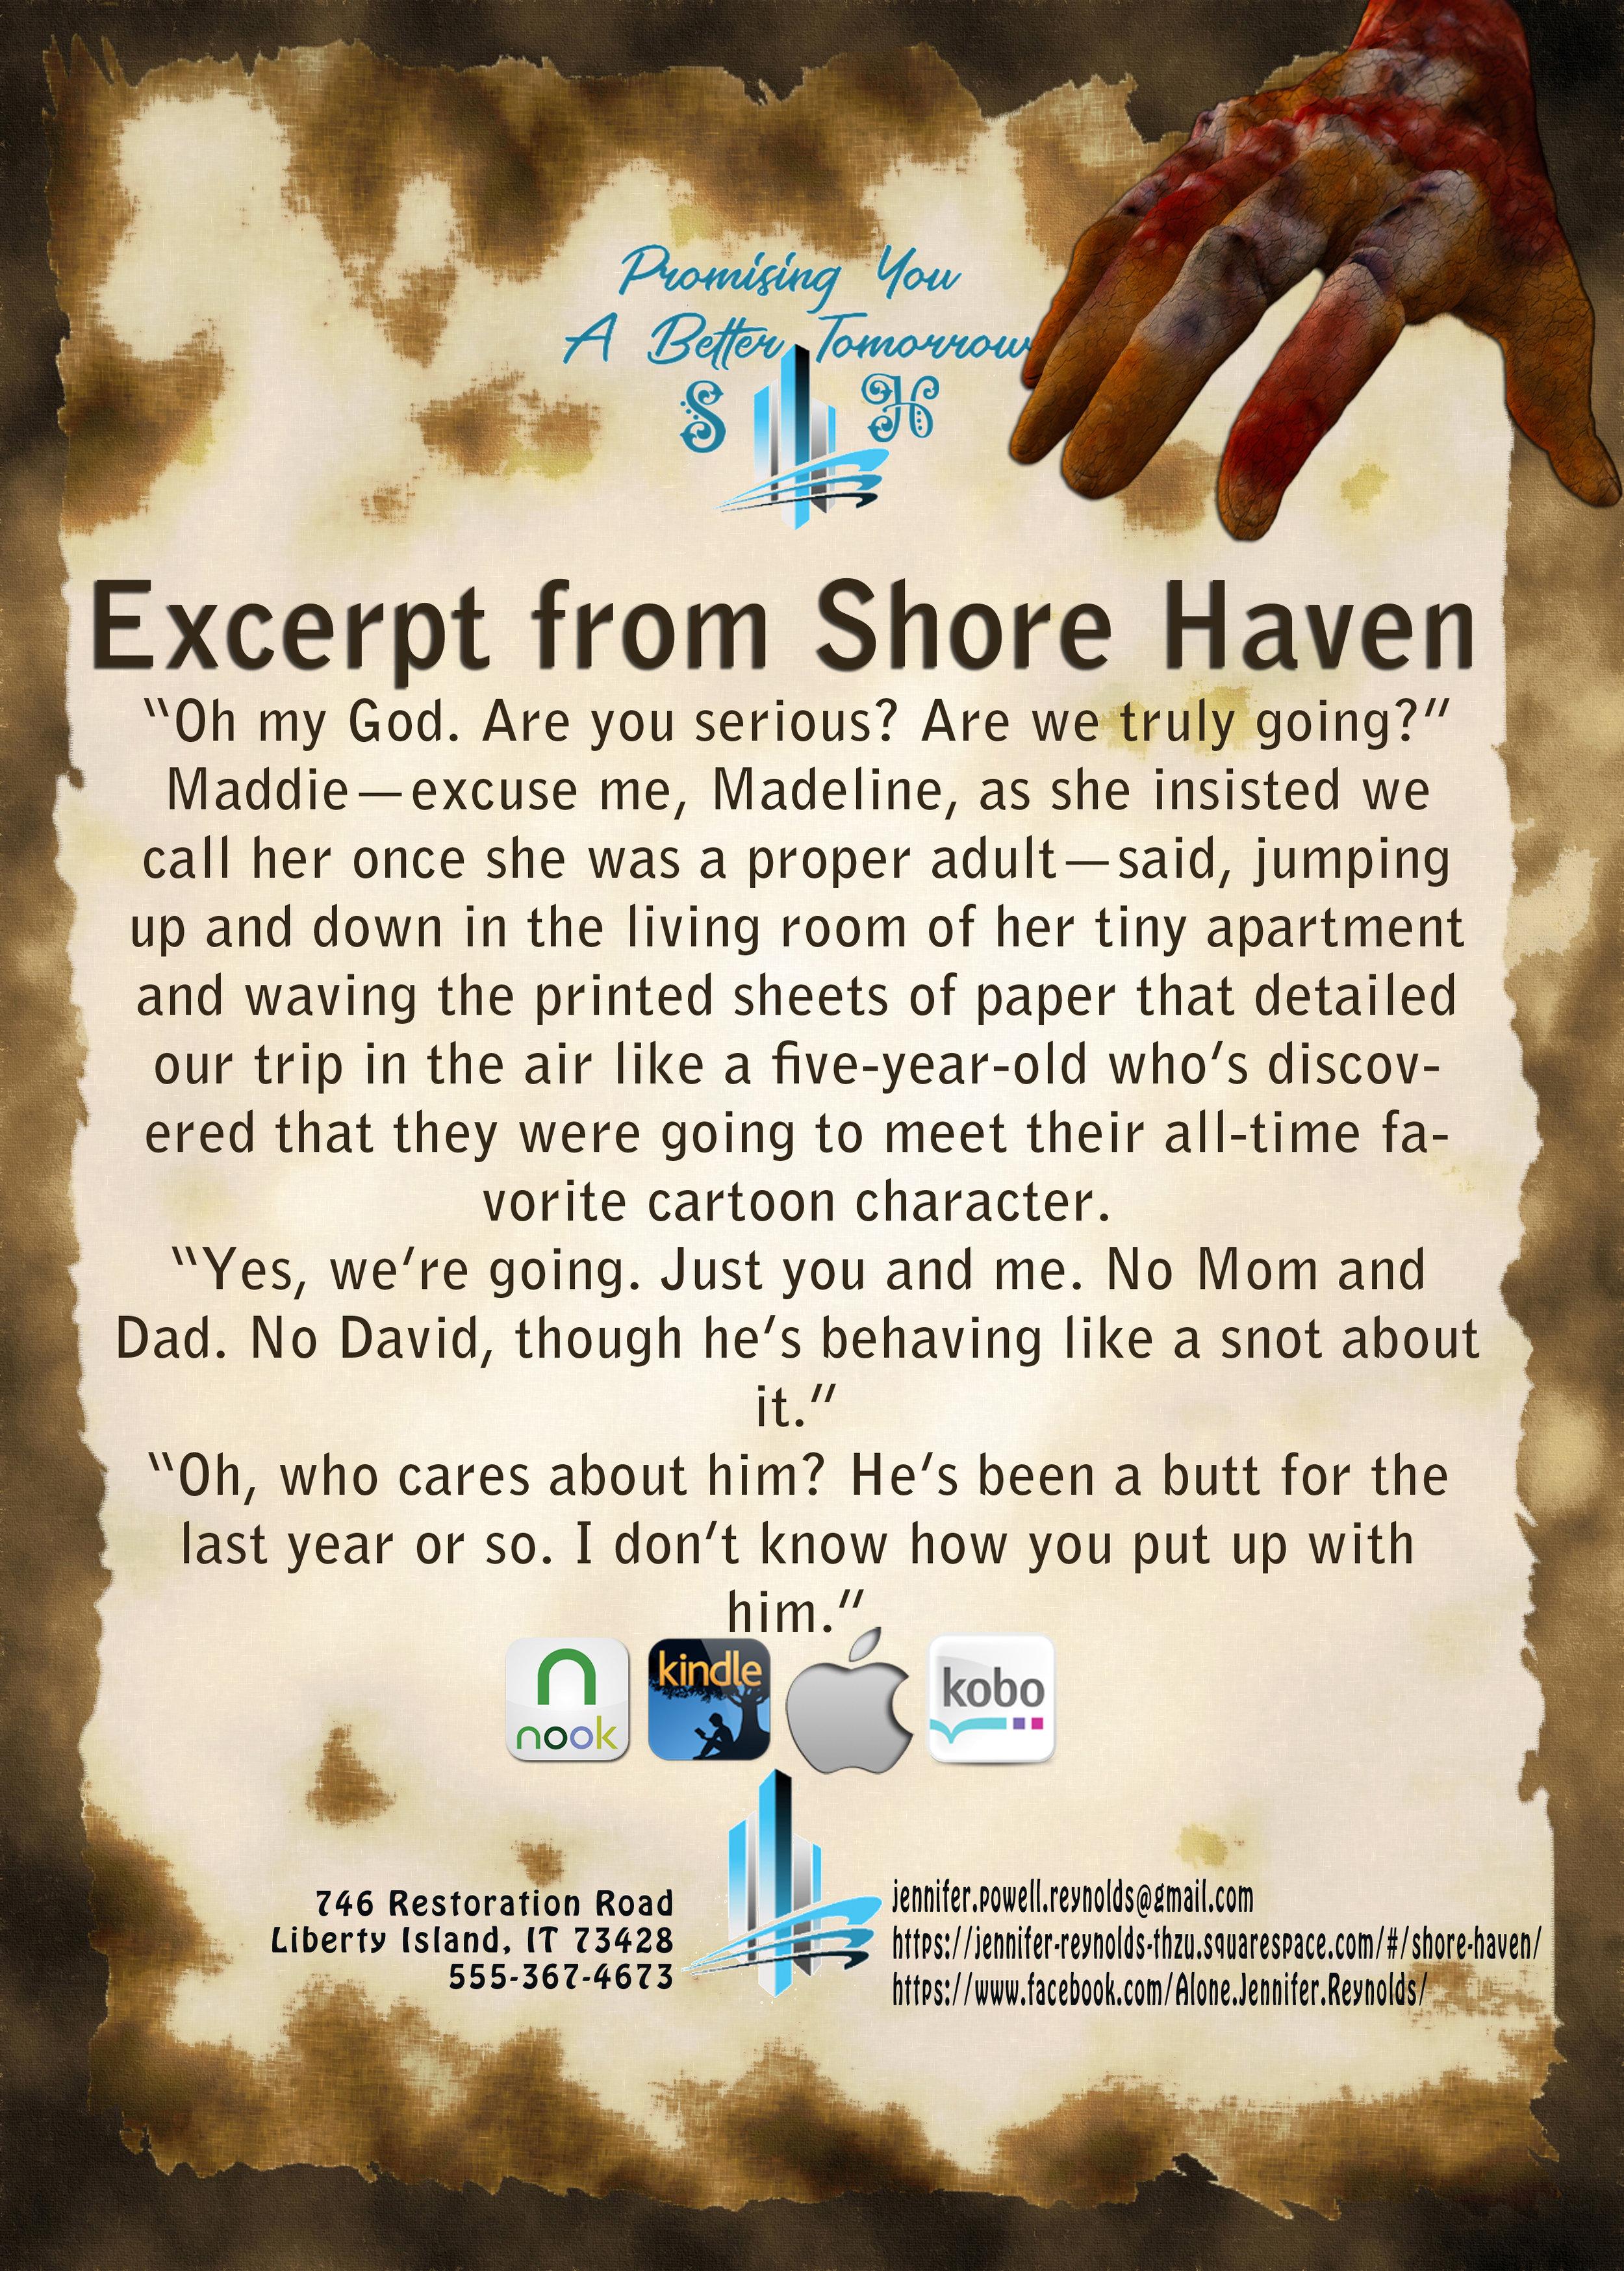 Shore Haven Excerpt 41.jpg